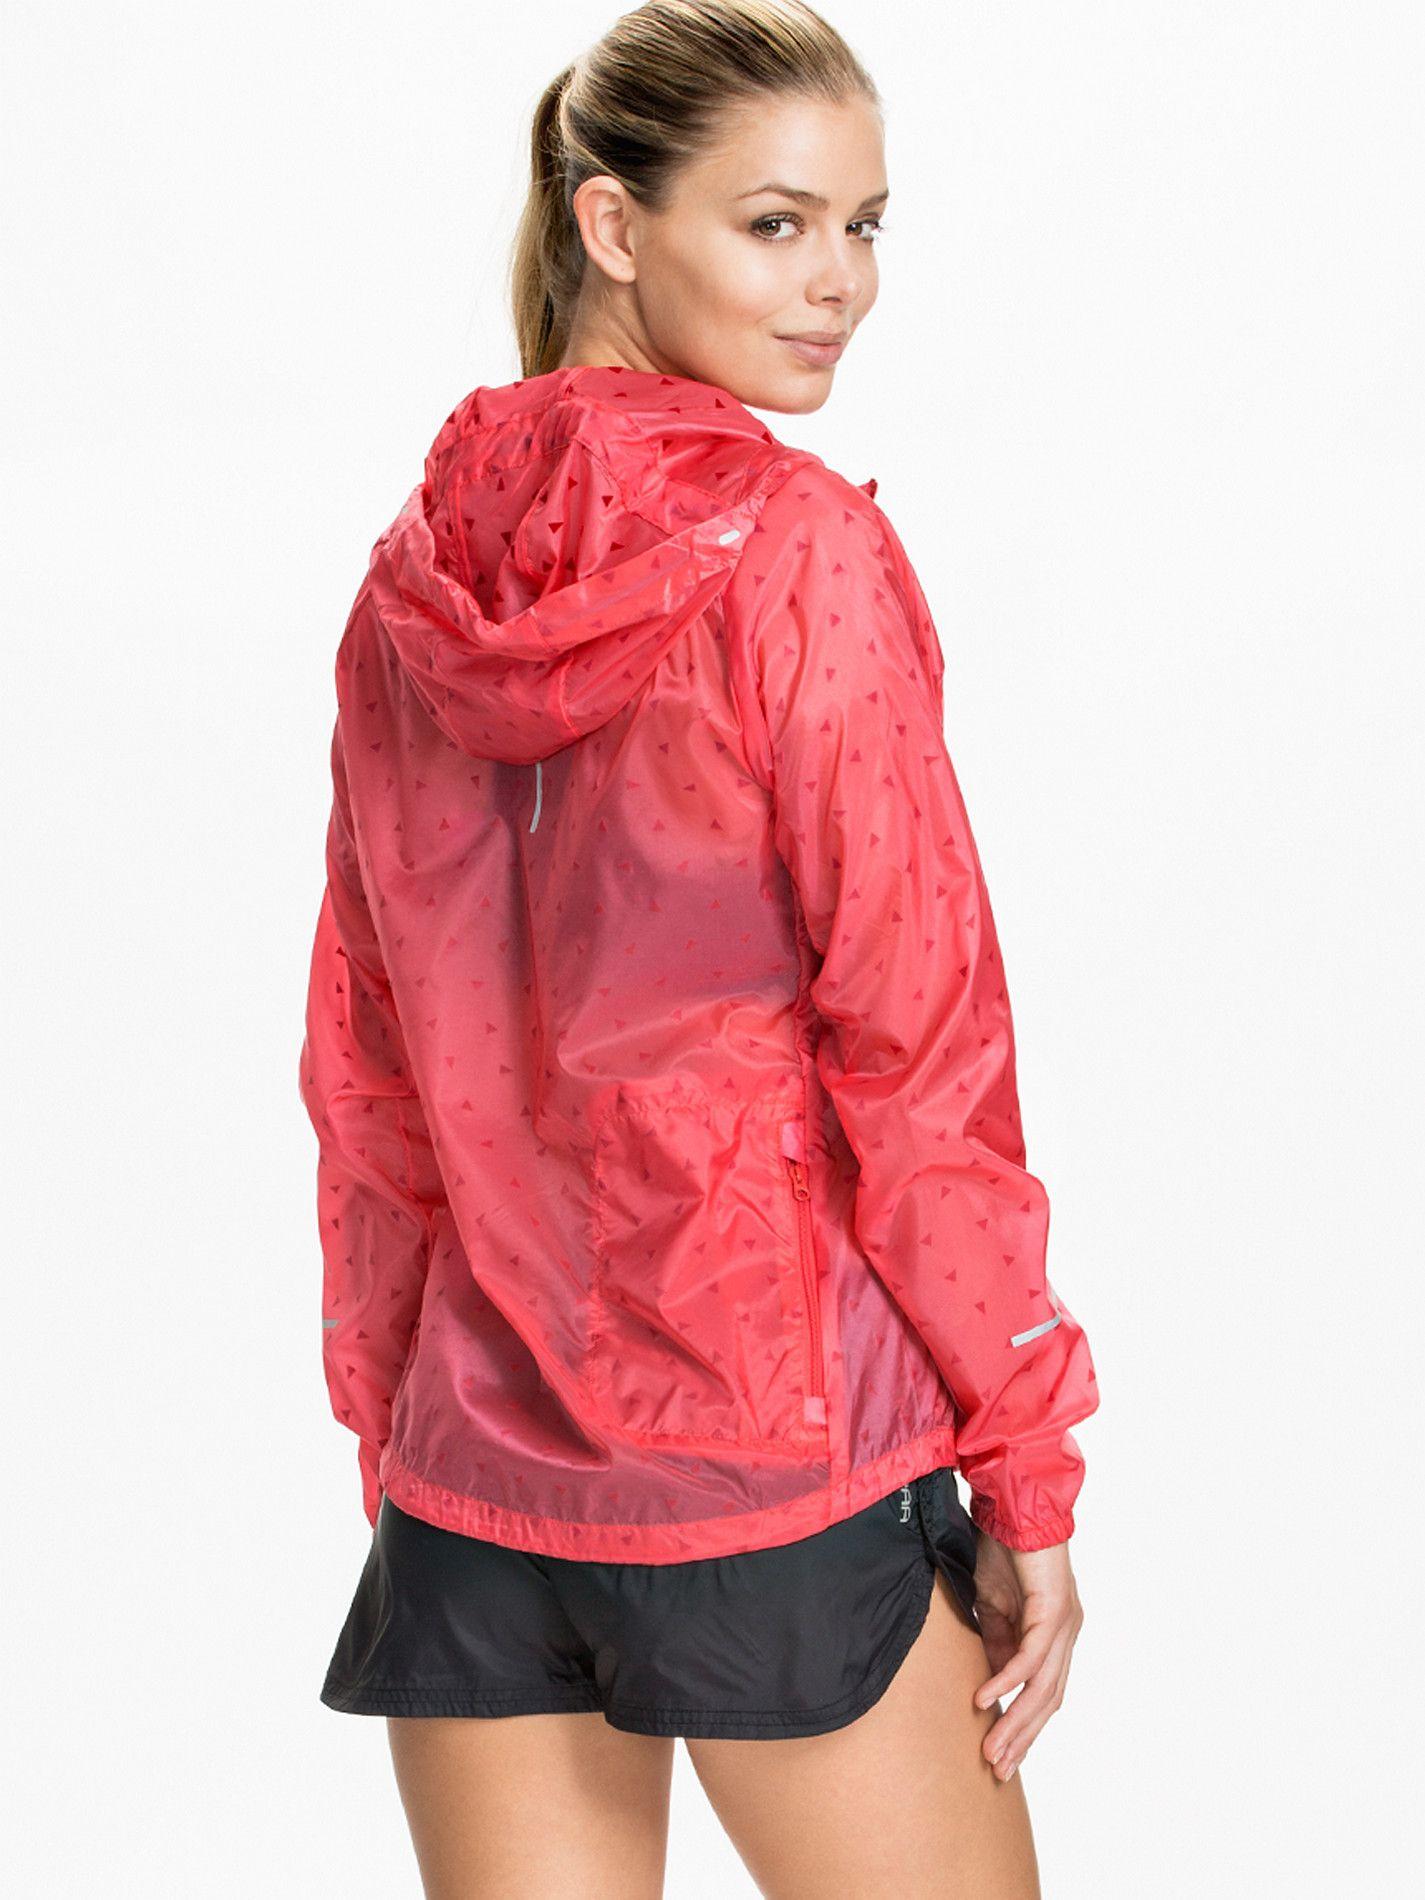 fce92fce597b Red Nike Cyclone Jacket and Kari Traa Kari Shorts